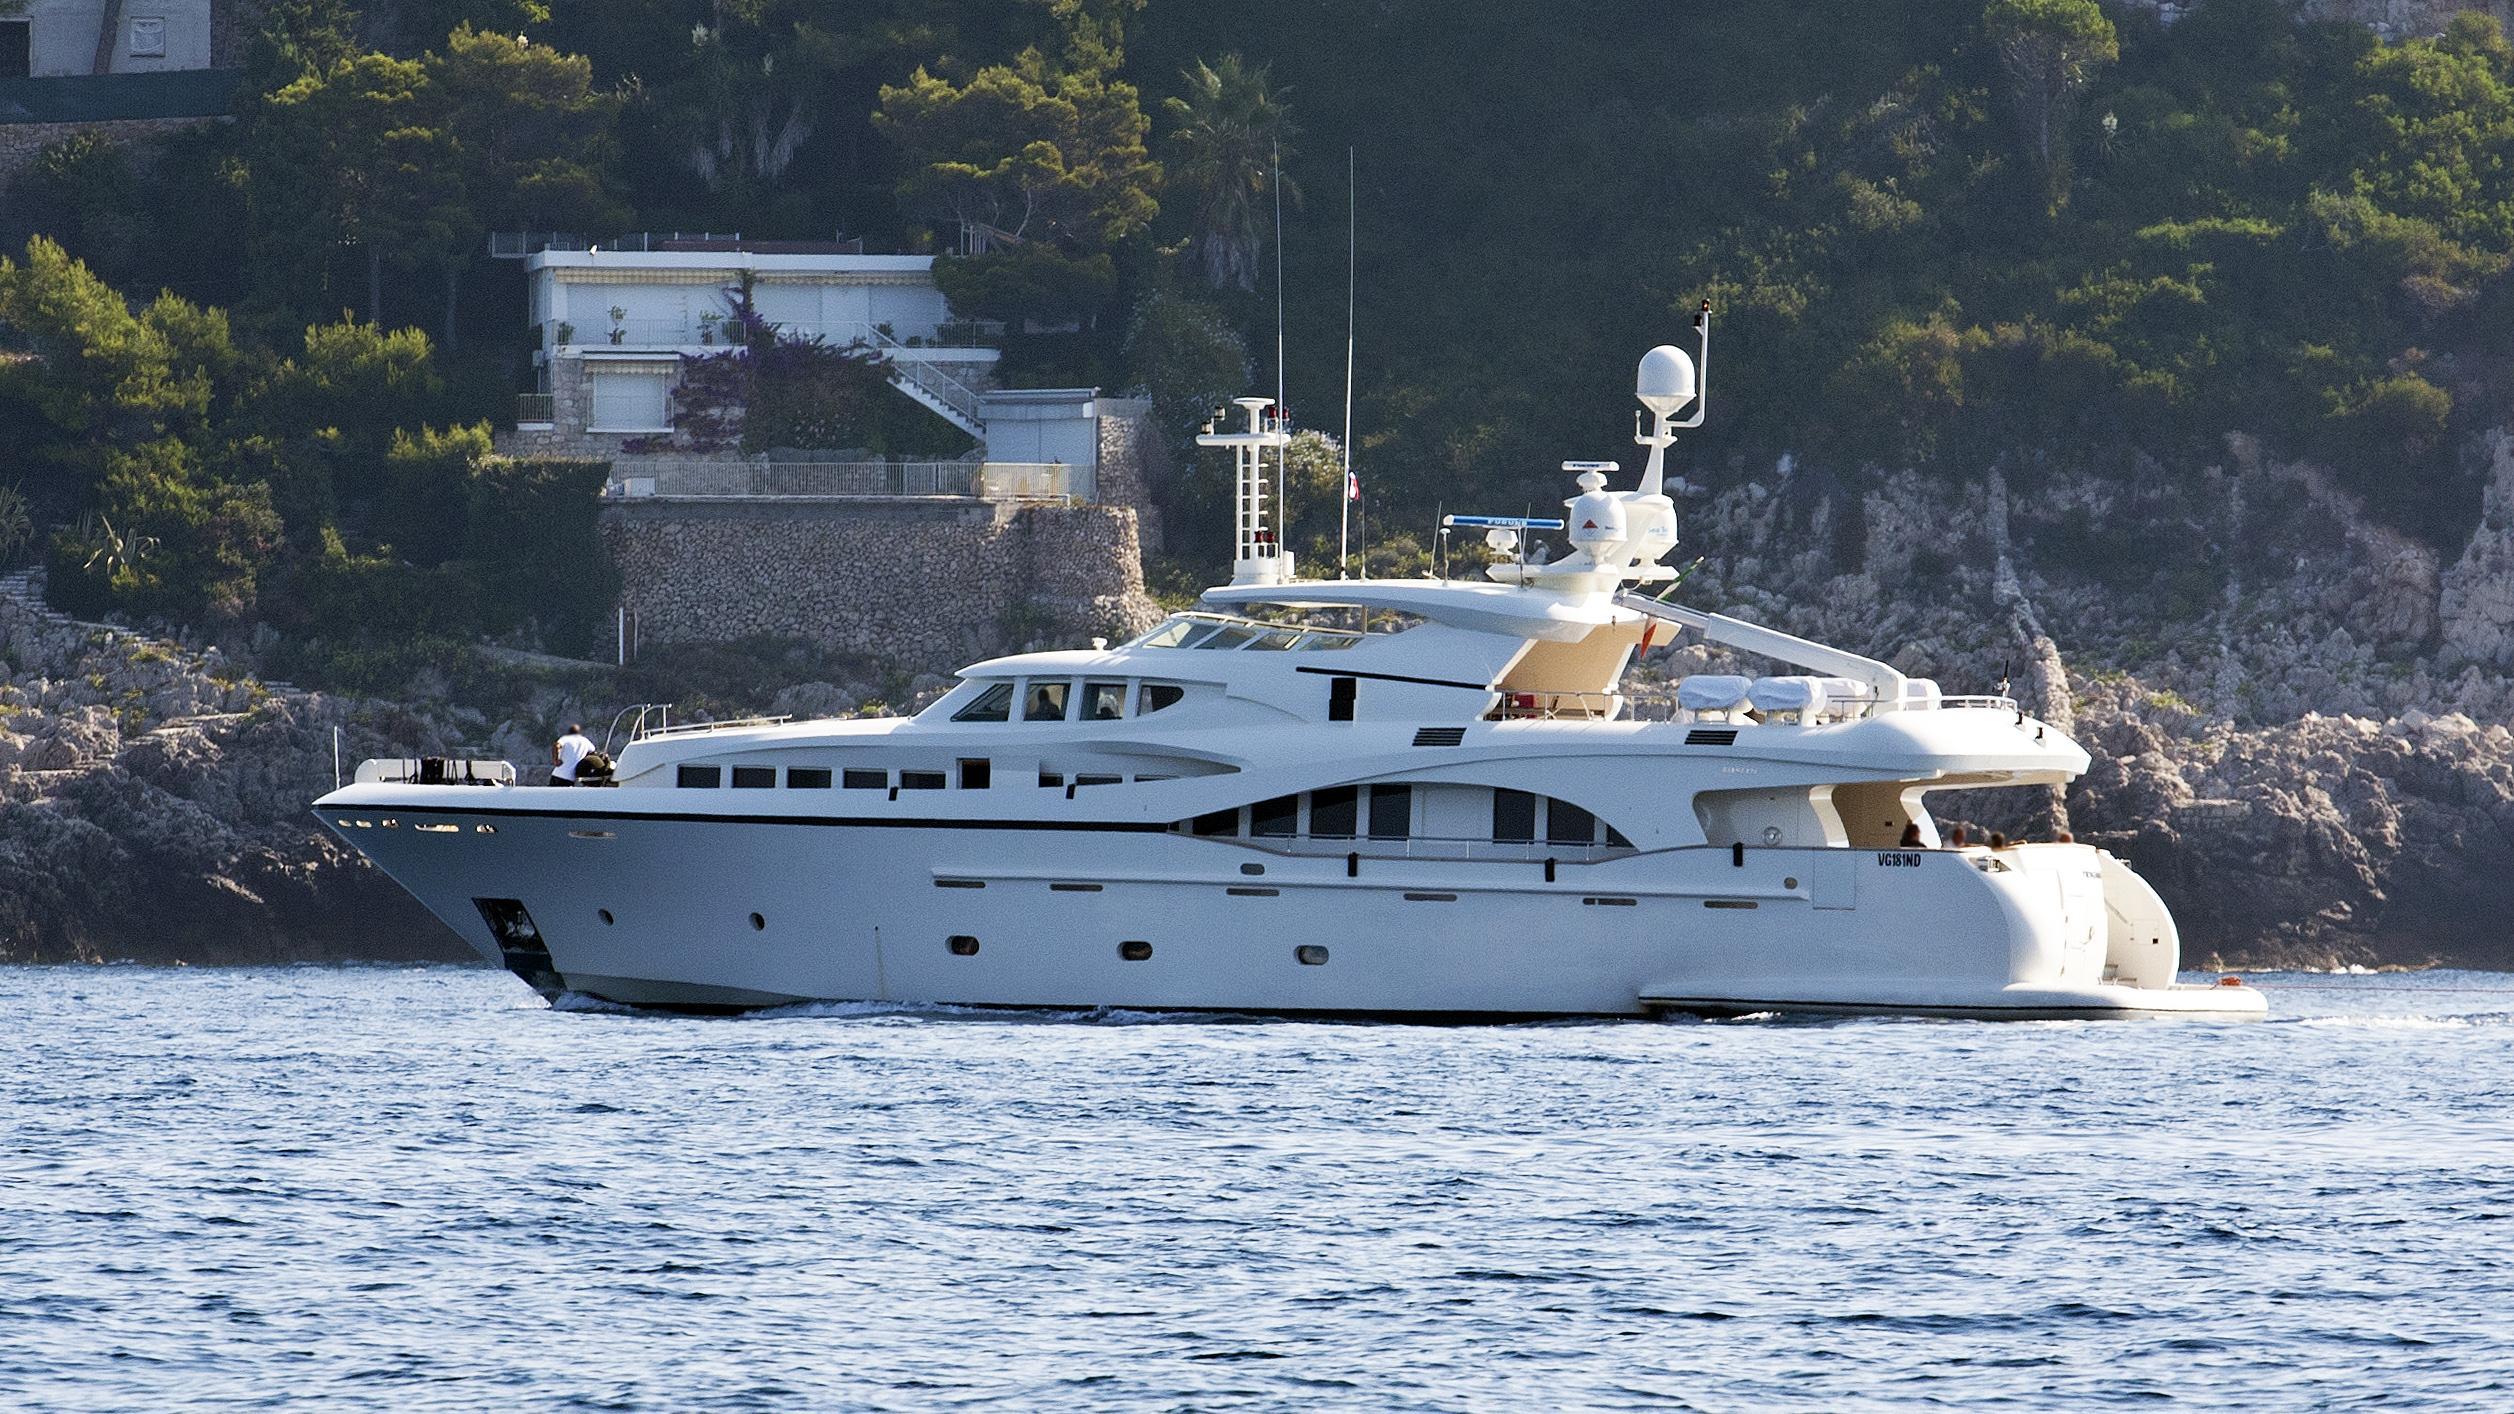 ndem-moto-yacht-gianetti-navetta-105-2010-32m-profile